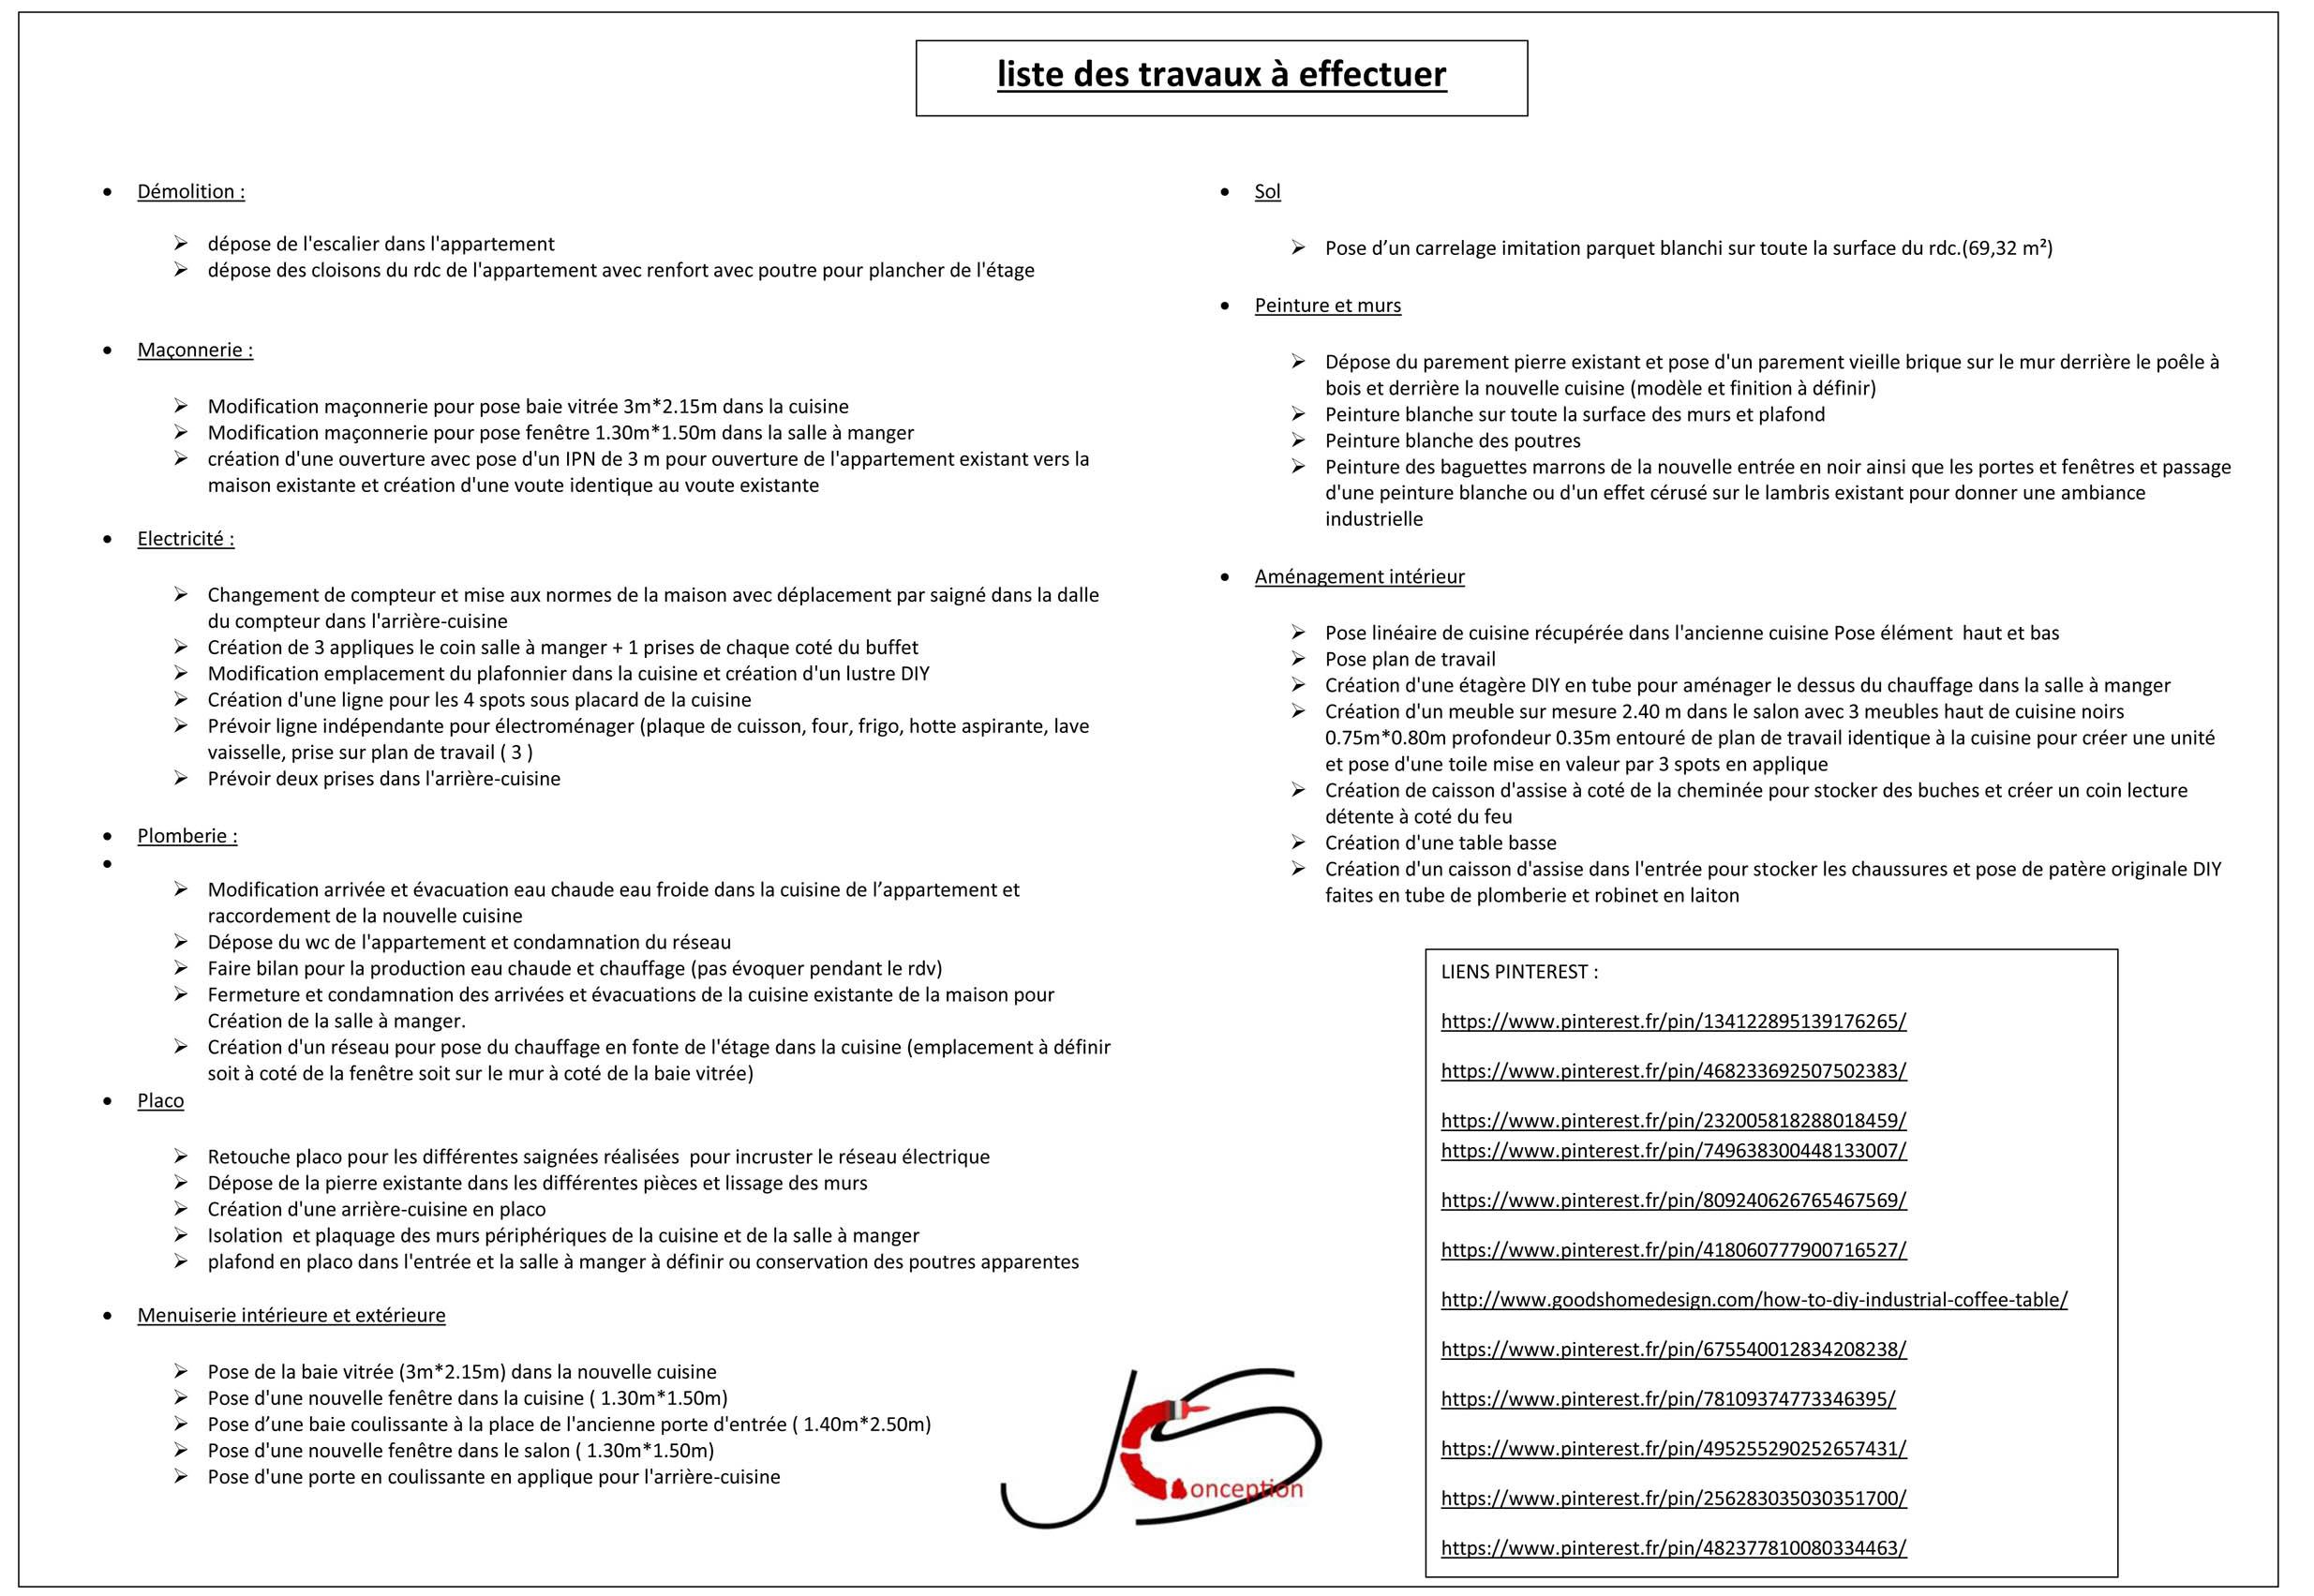 liste de travaux et lien internet